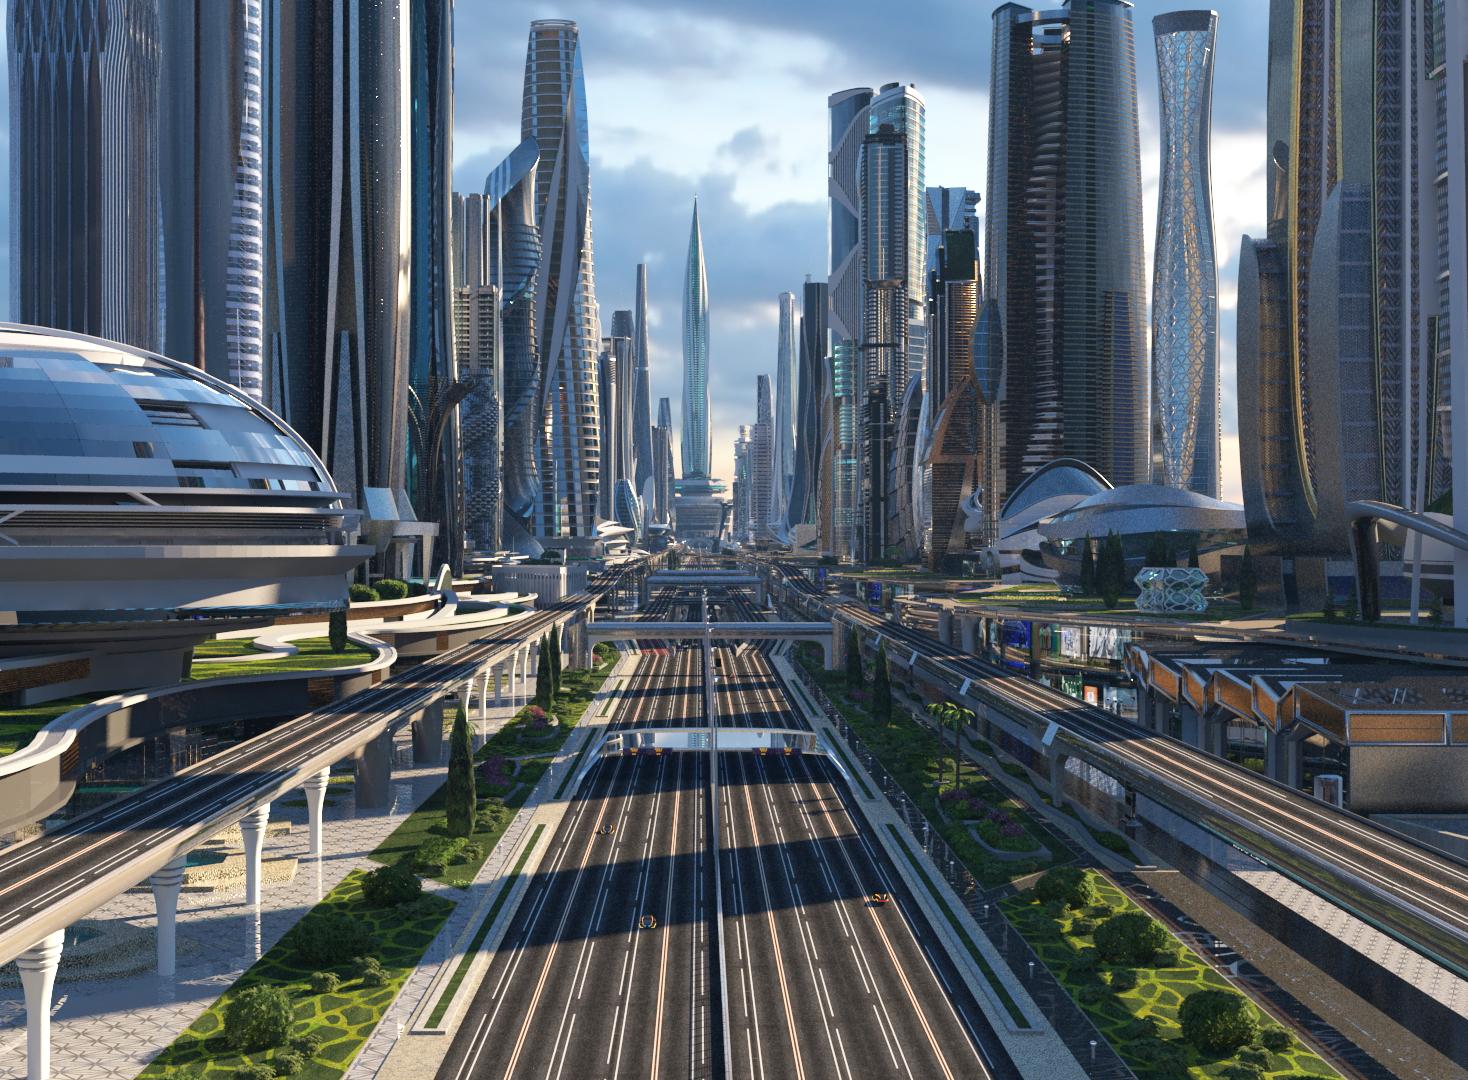 смотреть картинки города в будущем сделал